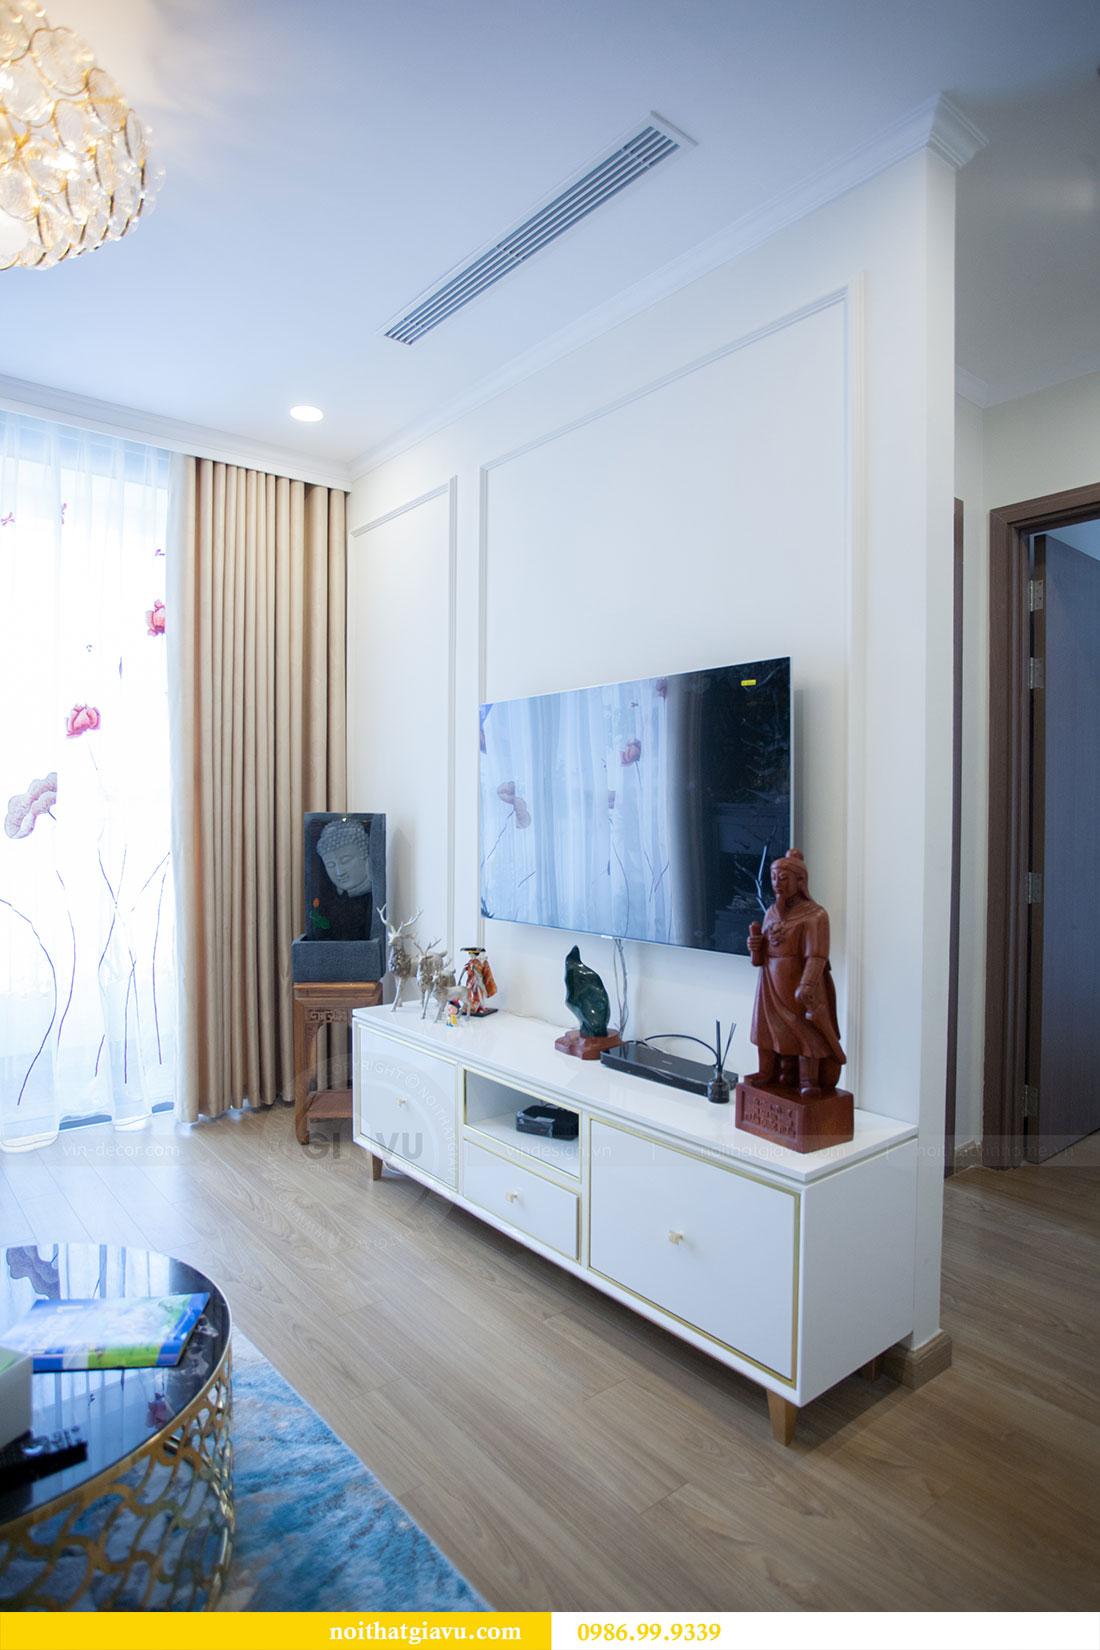 Thi công hoàn thiện nội thất chung cư Gardenia căn 21 tòa A3 5